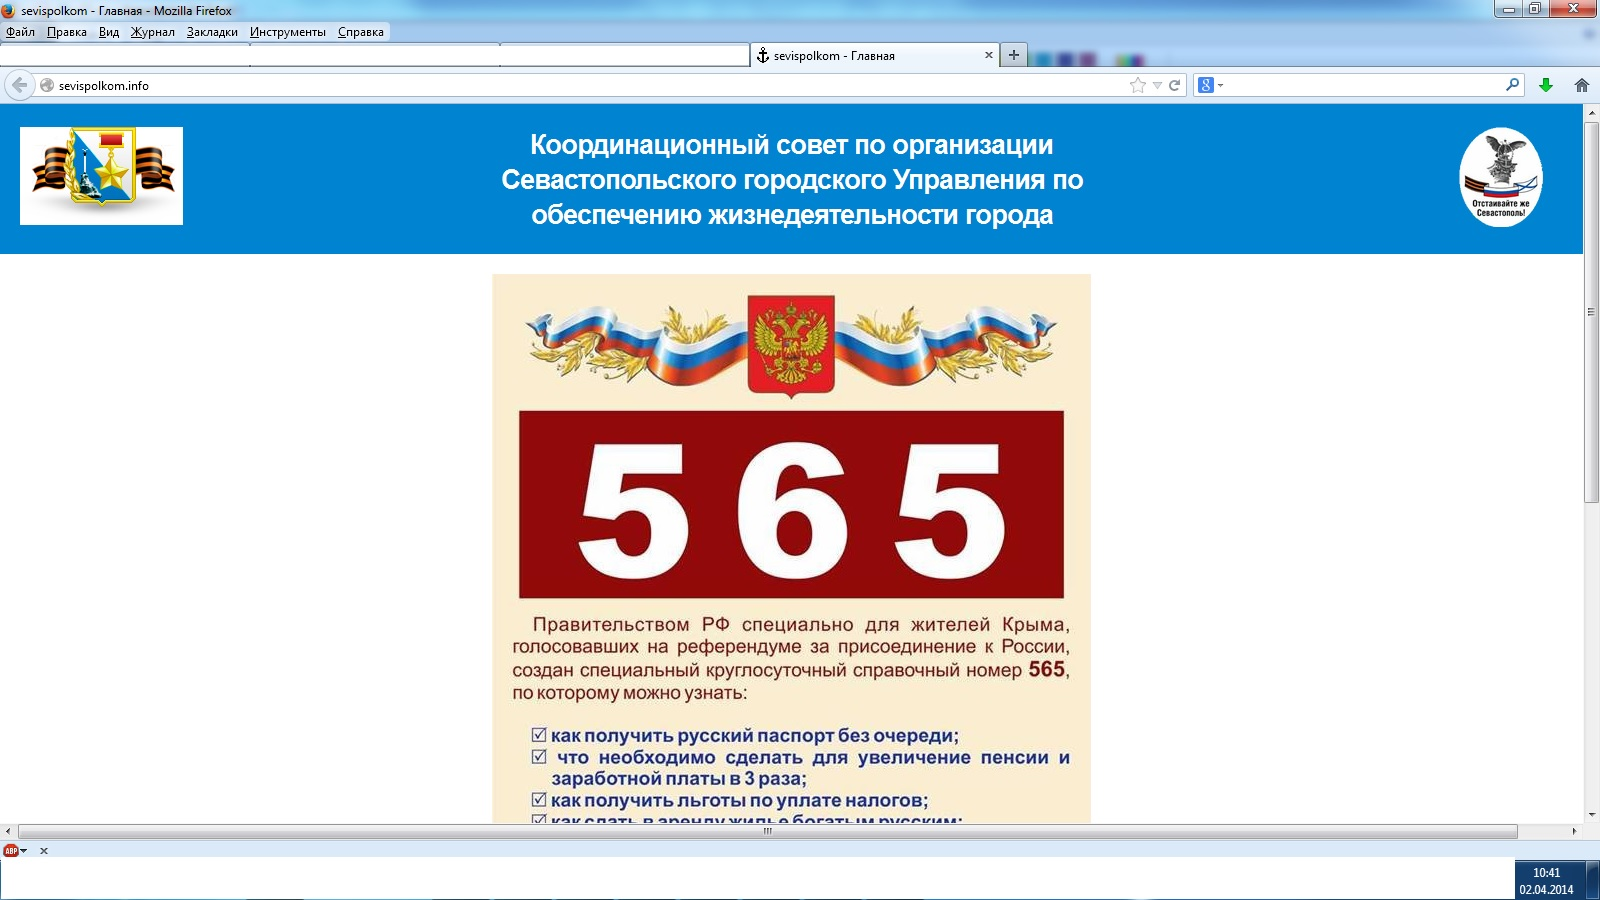 Переговорами по украинскому вопросу занимаются США и Россия, а не ЕС, - аналитик Stratfor - Цензор.НЕТ 9407